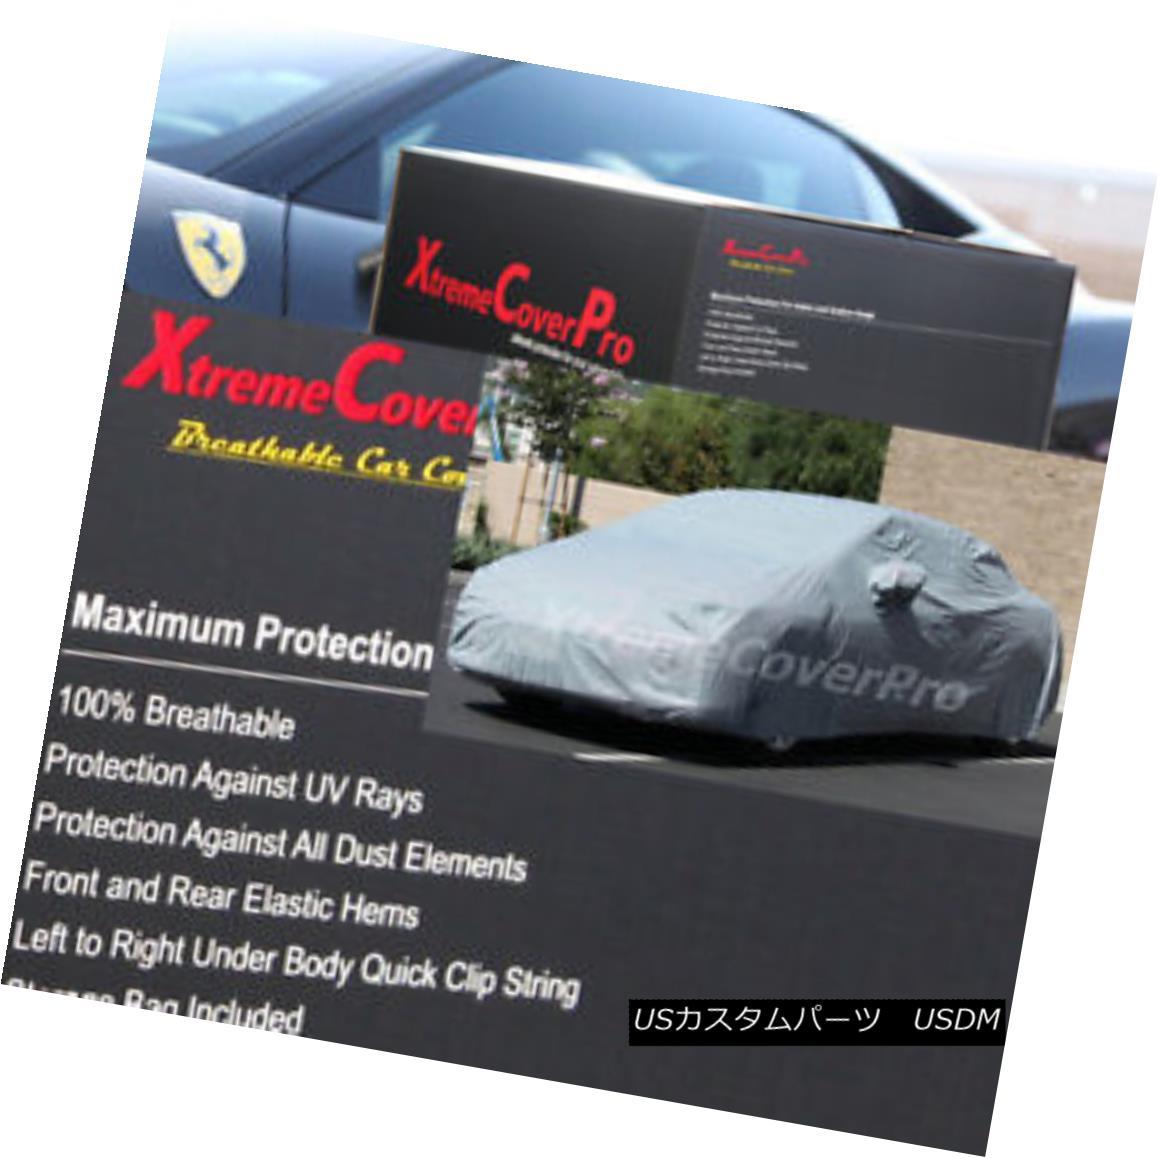 カーカバー 2015 VOLVO S60 Breathable Car Cover w/Mirror Pockets - Gray 2015 VOLVO S60通気性の車カバー、ミラーポケット付き - グレー